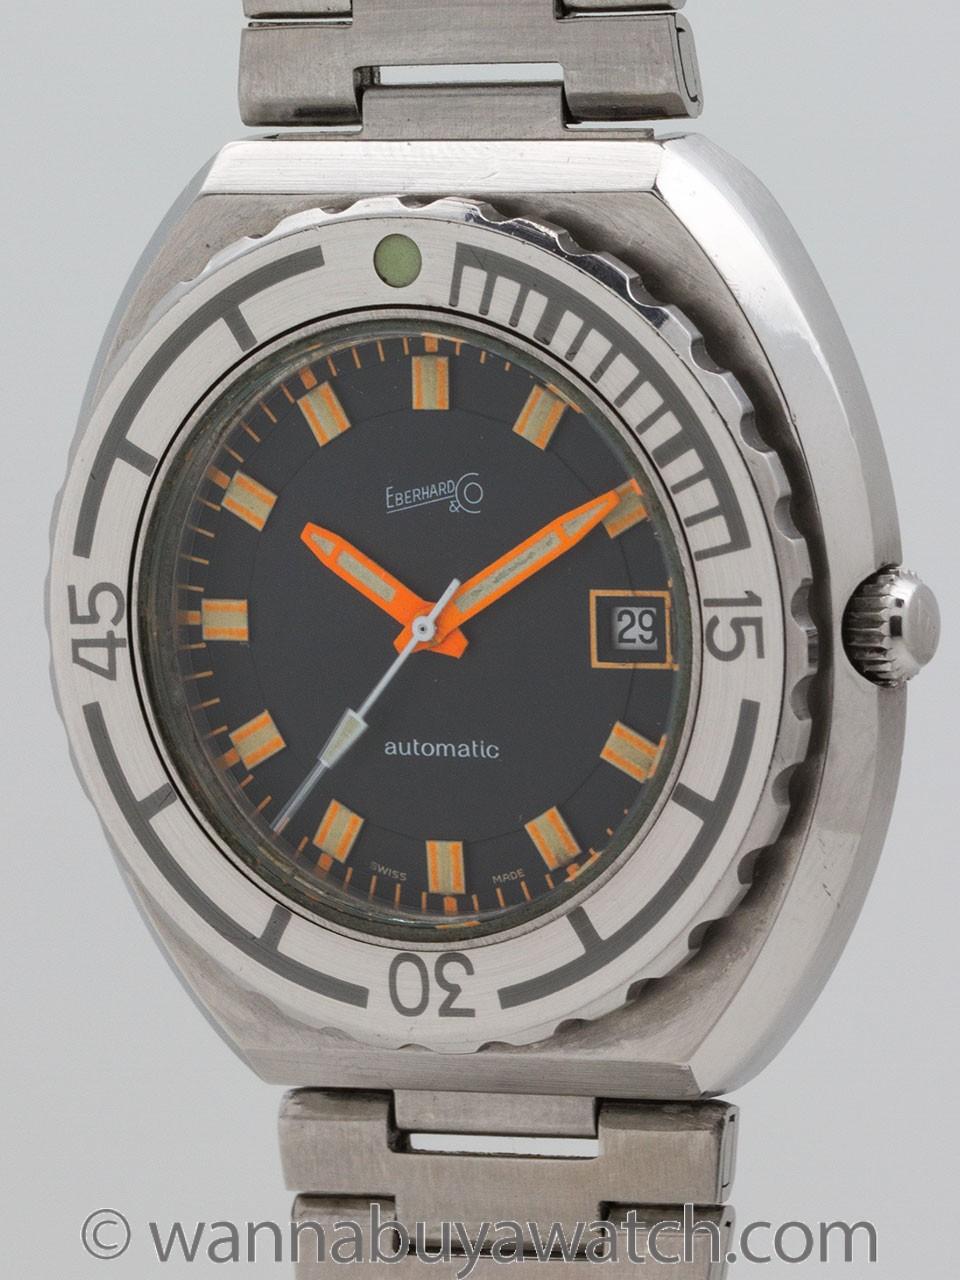 Eberhard Diver's Automatic circa 1970's